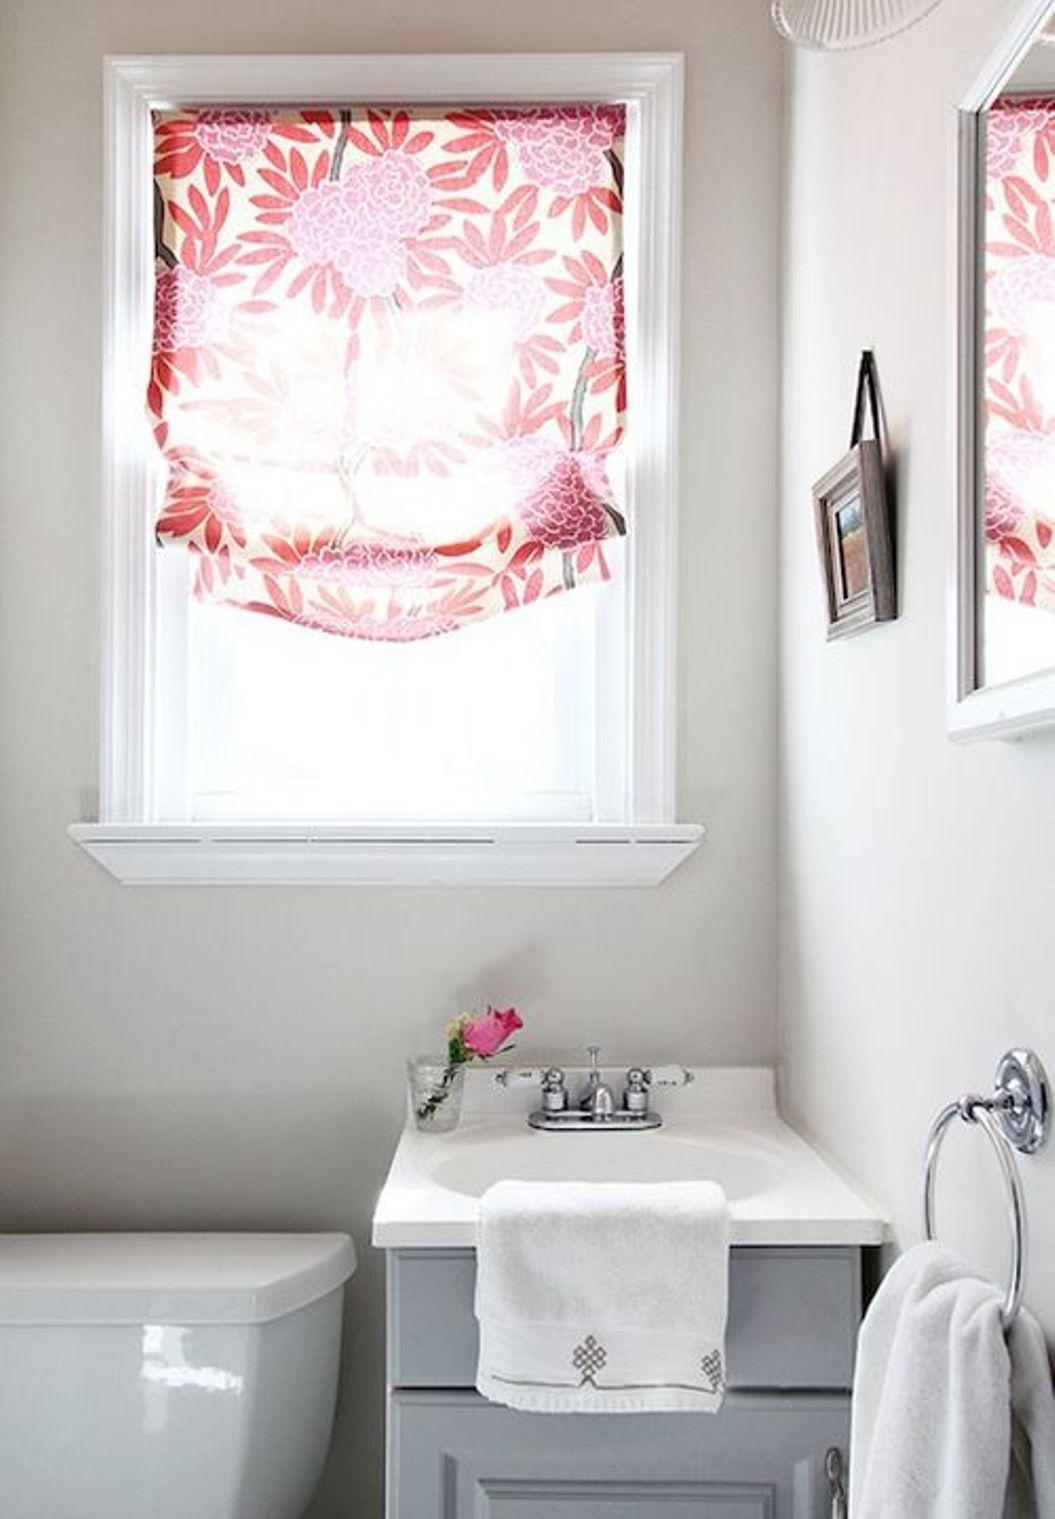 Bathroom Window Curtains | Bathroom renovation ideas | Pinterest ...